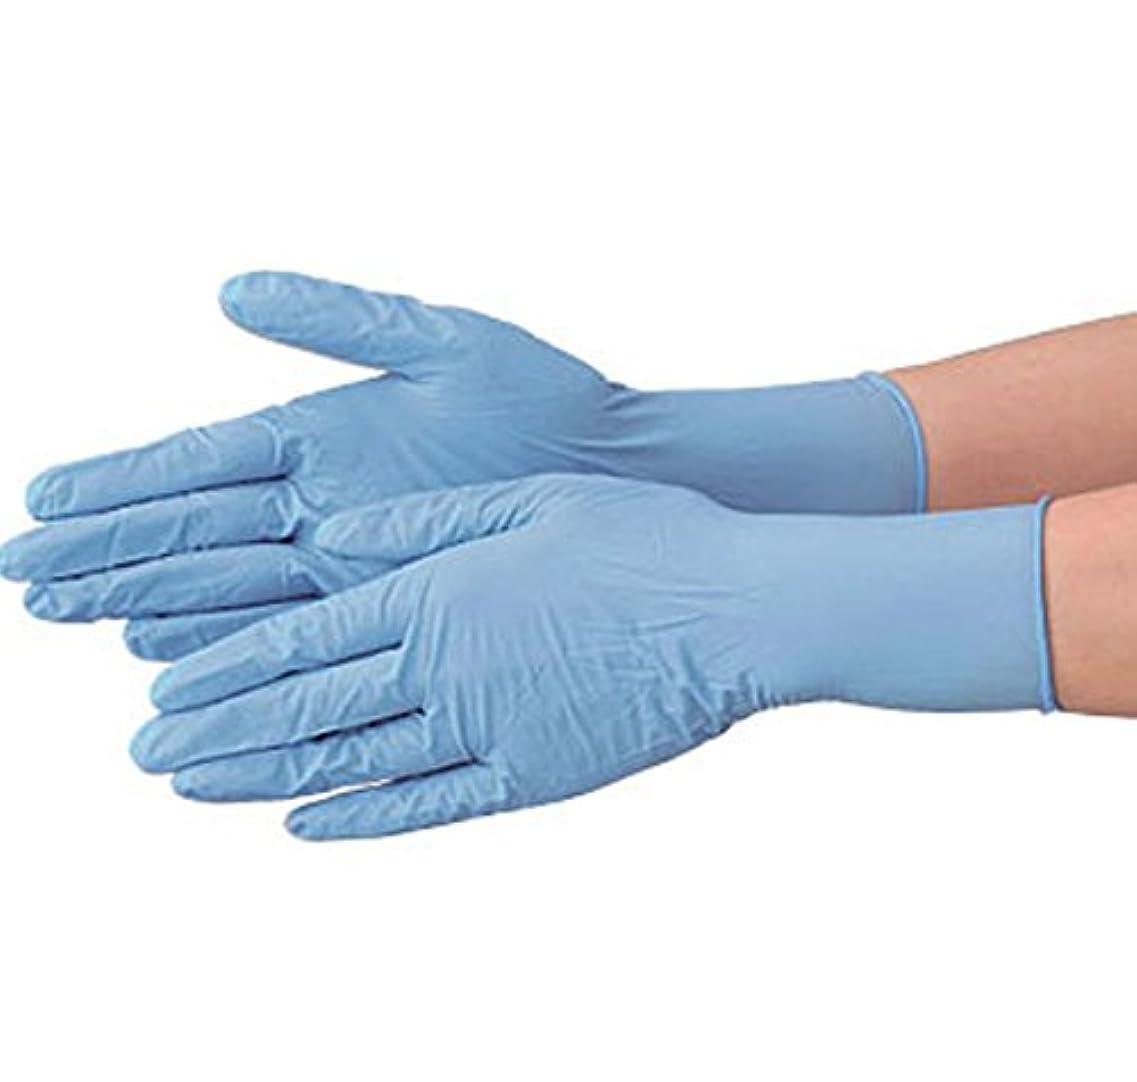 永続構成物理的な使い捨て 手袋 エブノ 532 ニトリルNEO ブルー Sサイズ パウダー付き 2ケース(100枚×60箱)